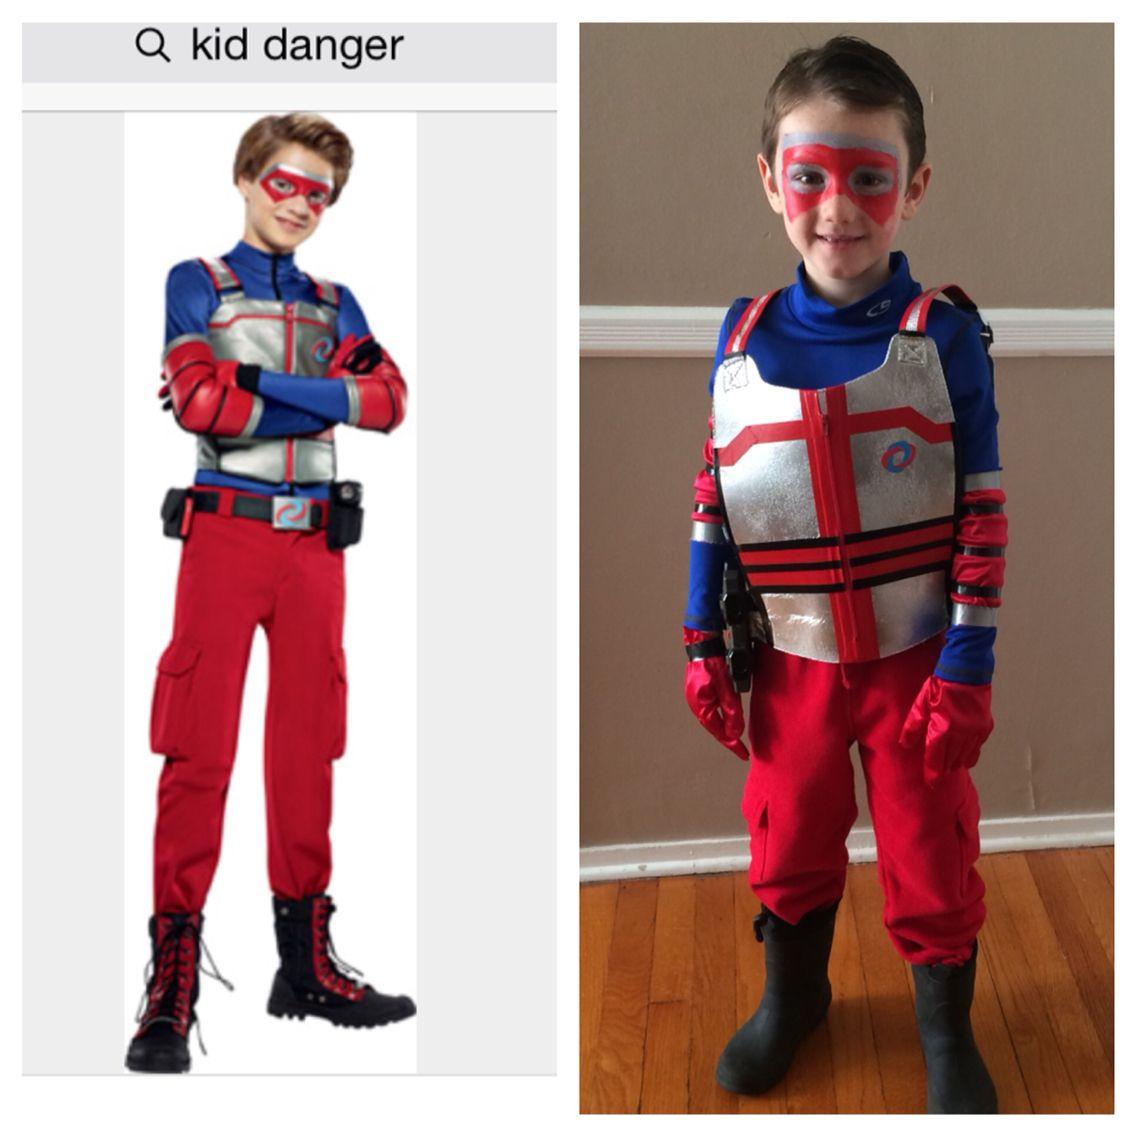 Kid Danger from Henry Danger #Halloween2015 #KidDanger